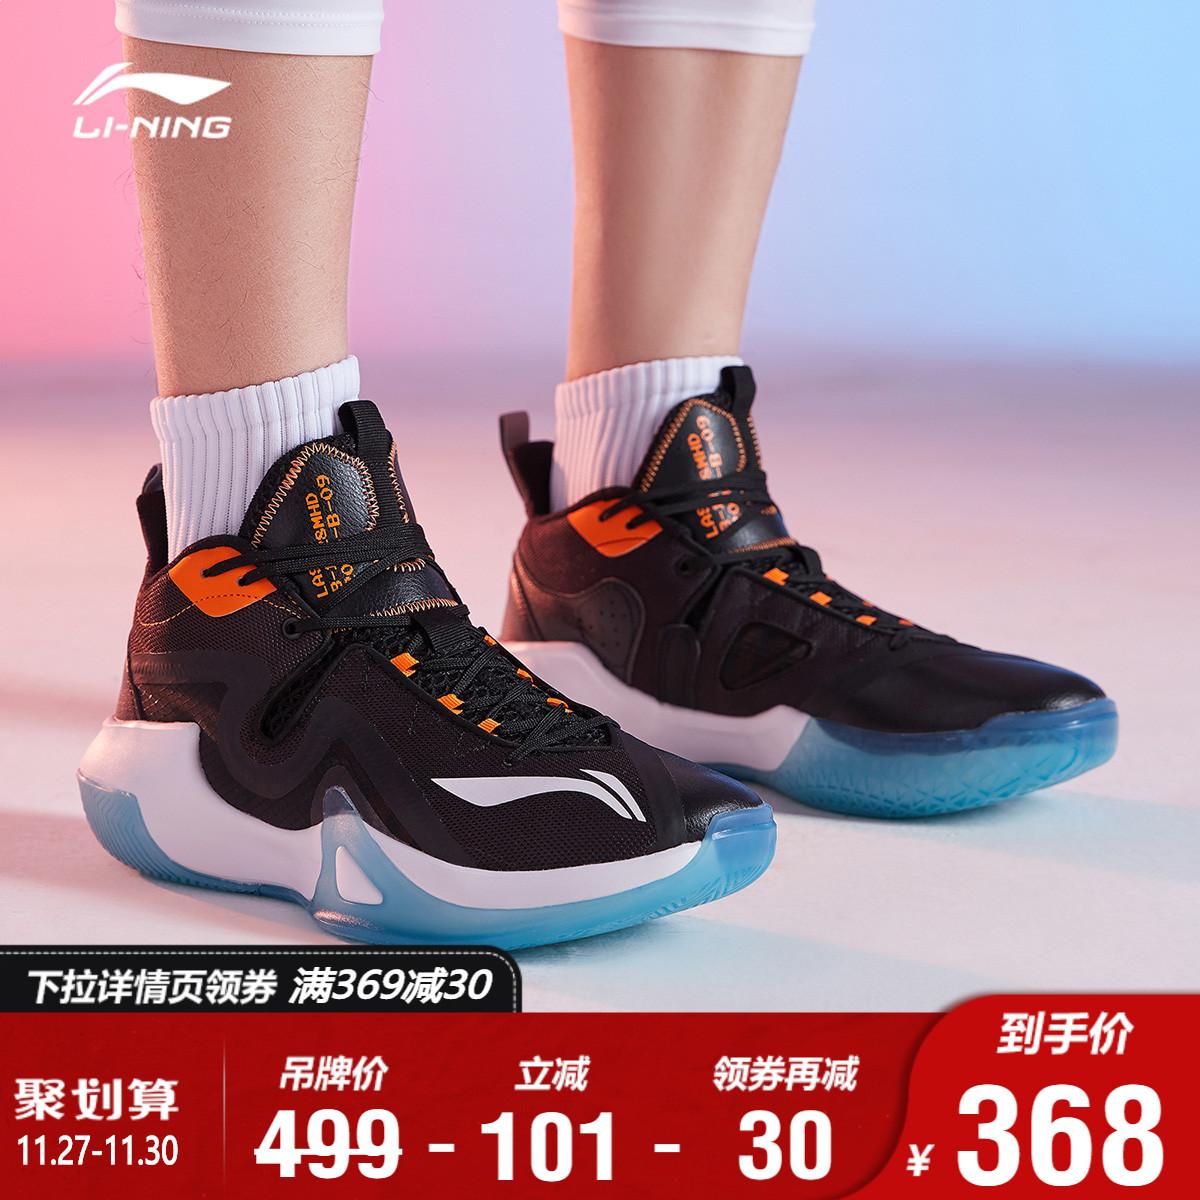 李宁篮球鞋男鞋官方体育新款暴风BADFIVE系列减震回弹低帮运动鞋